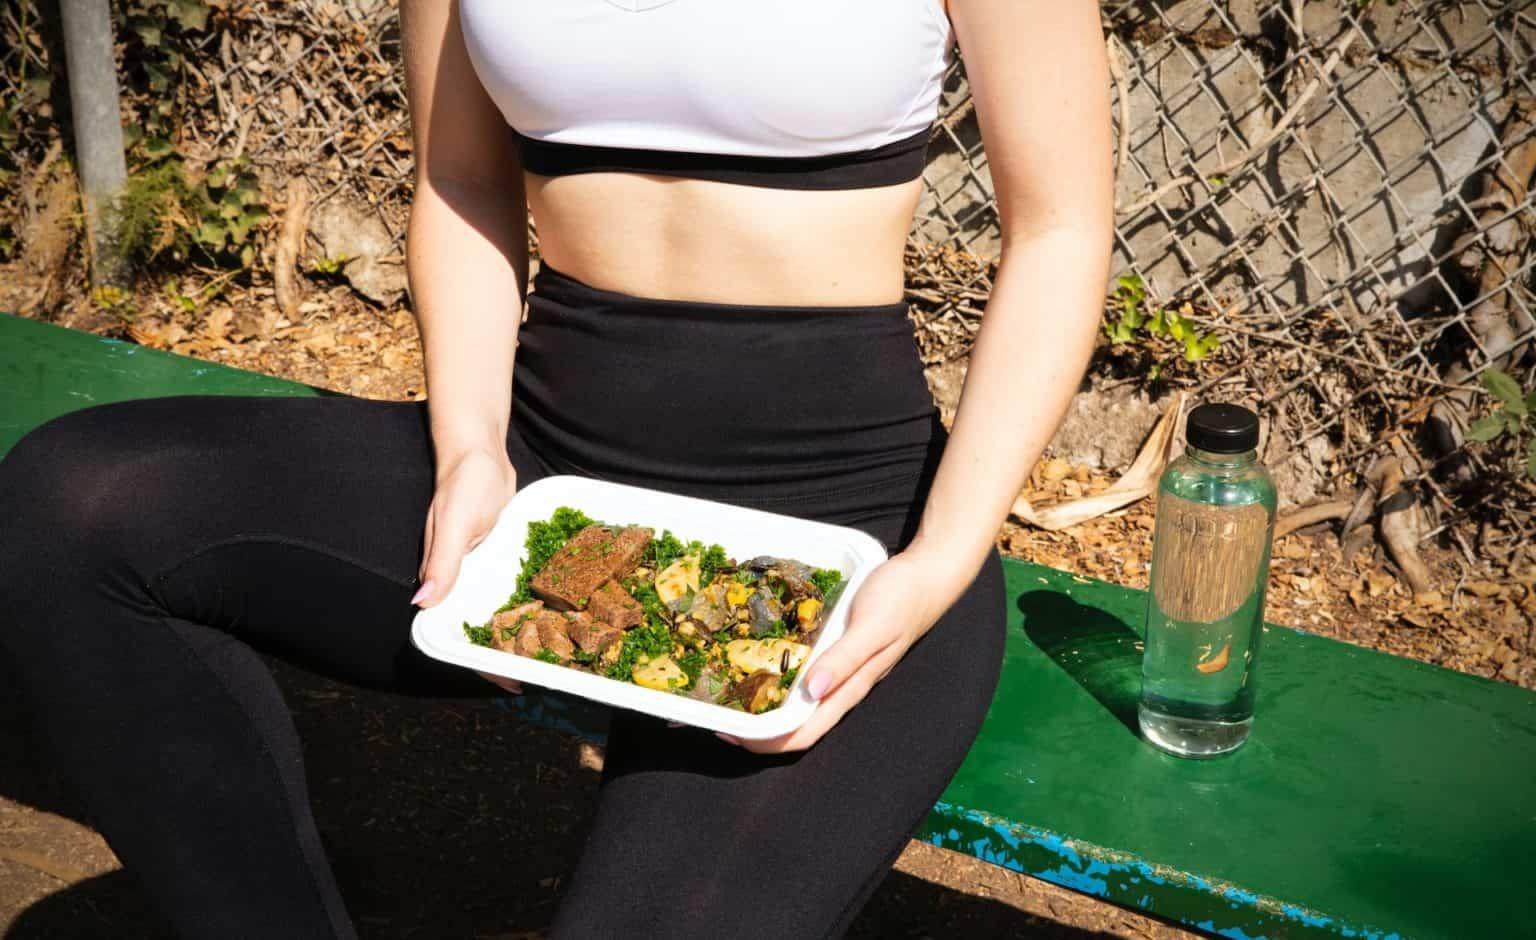 מה לאכול אחרי ריצה